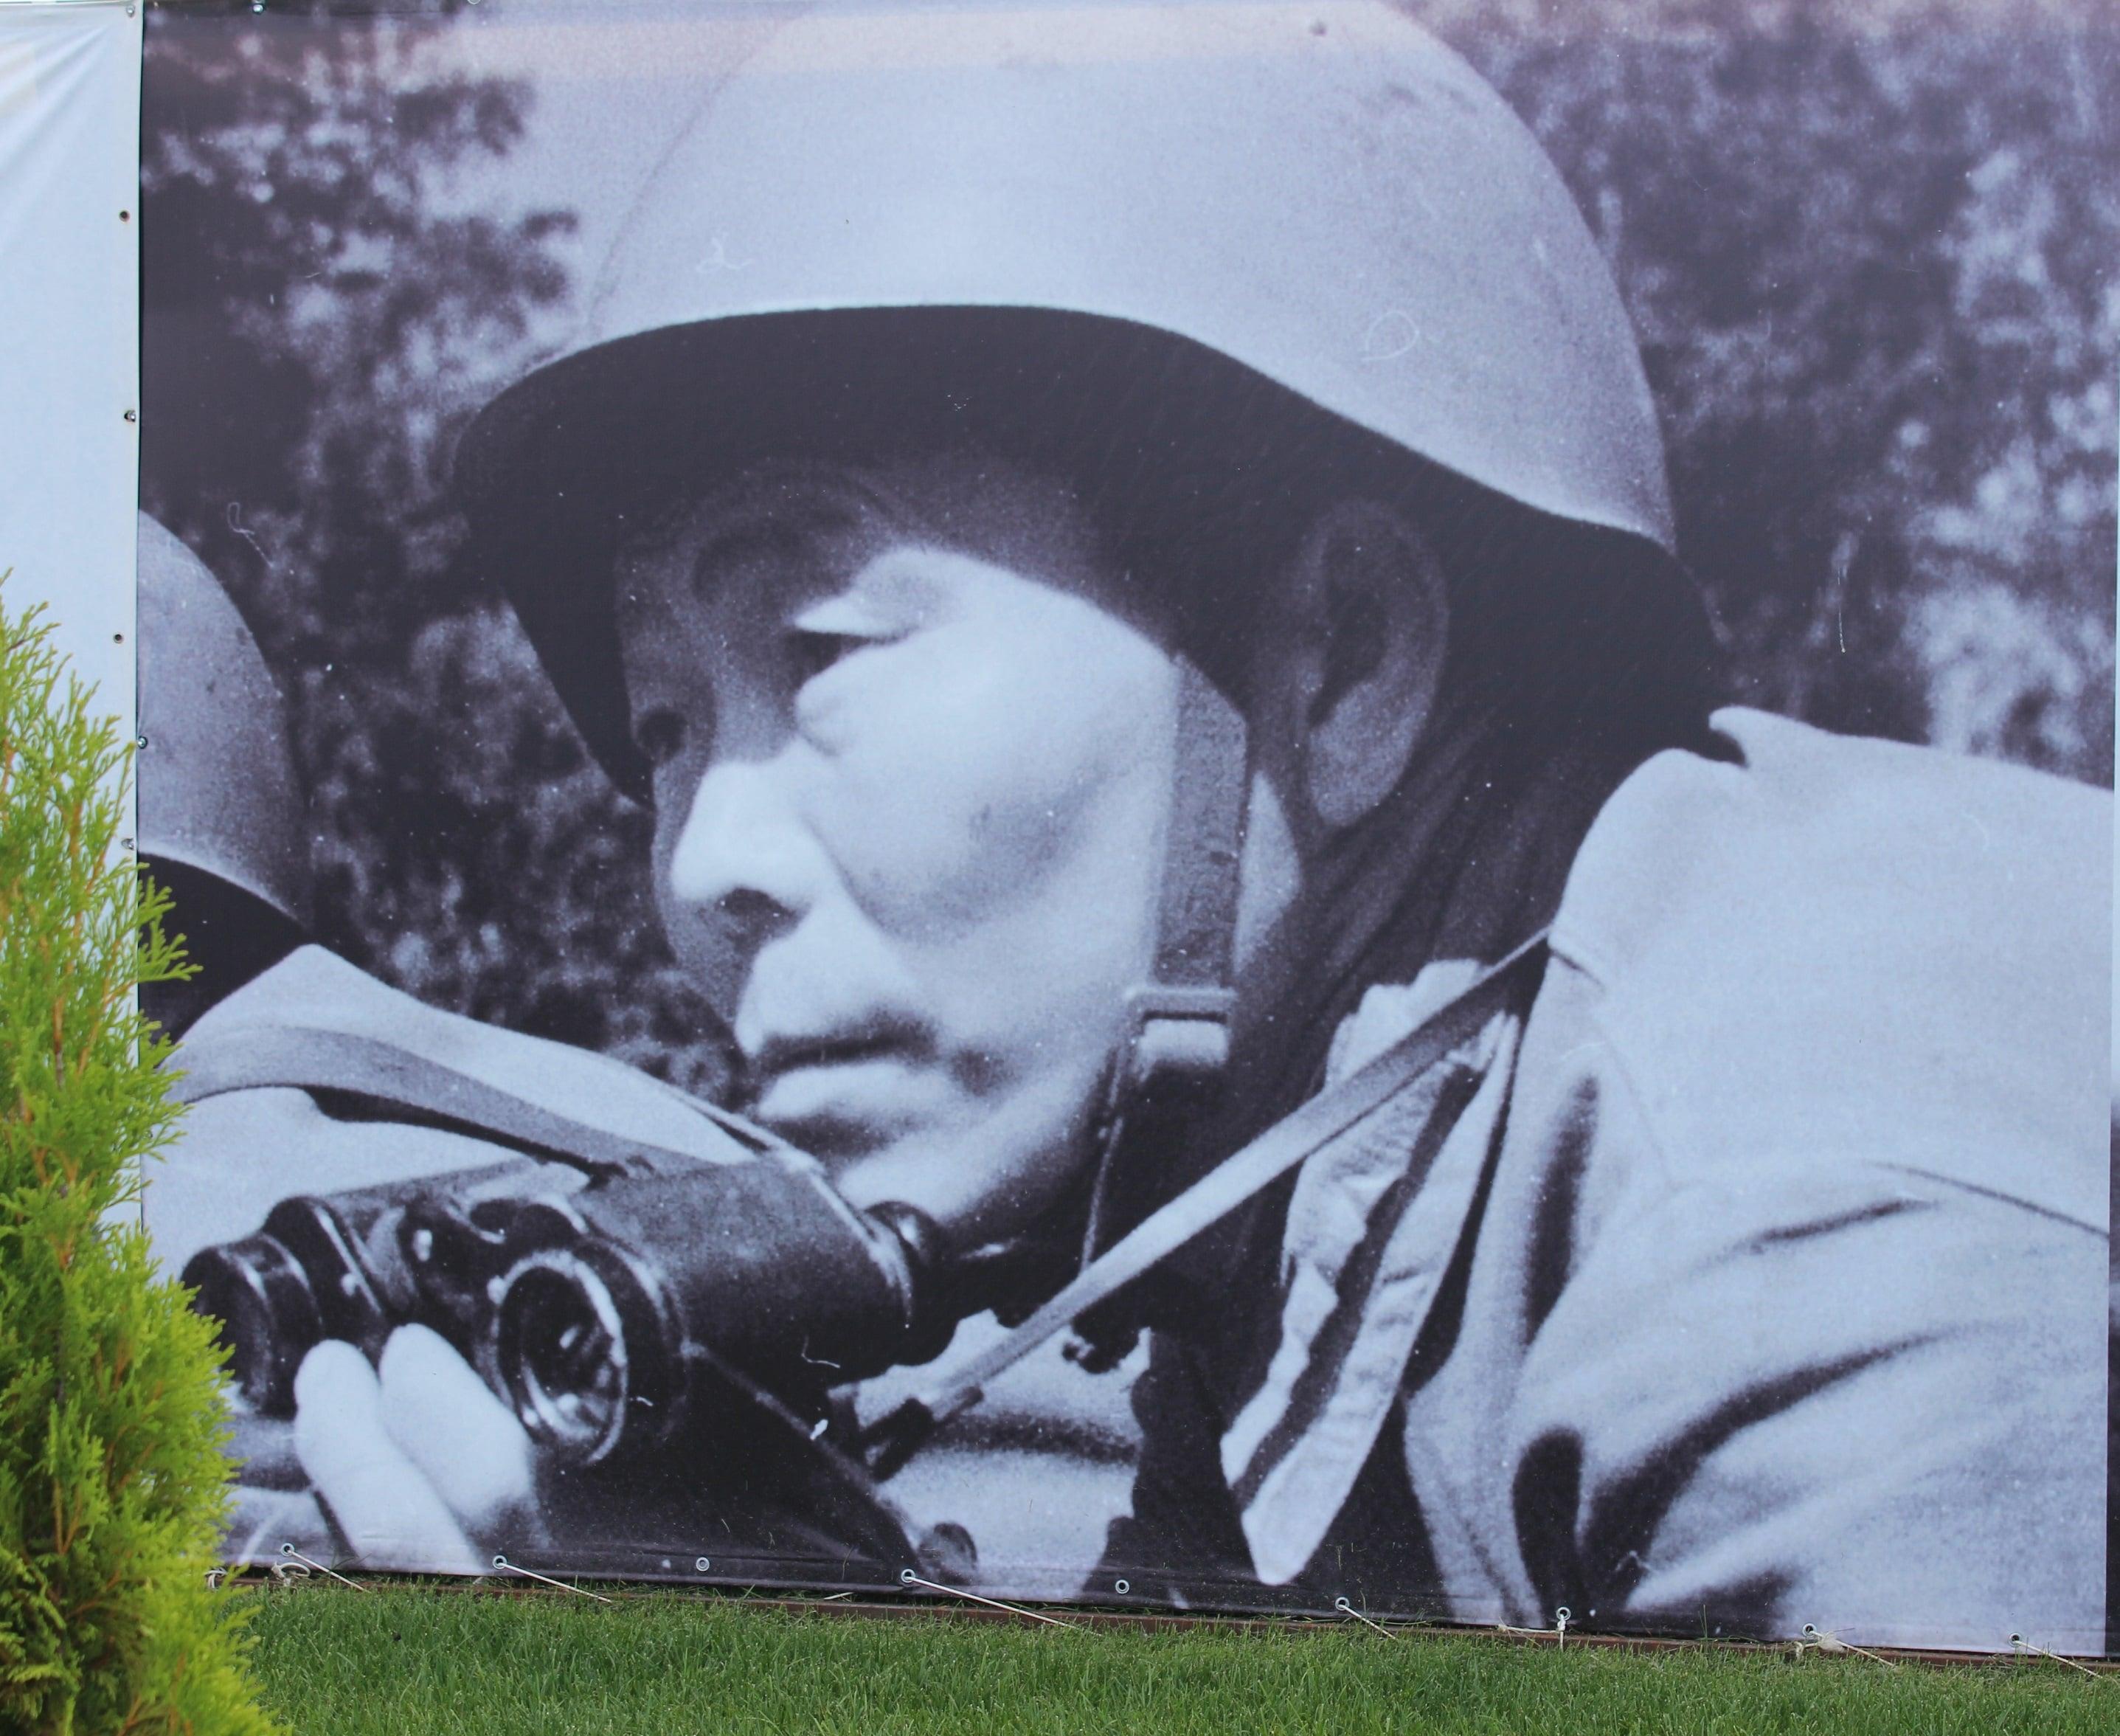 Федор Матвеевич Охлопков - Герой Советского Союза, один из лучших снайперов Великой Отечественной